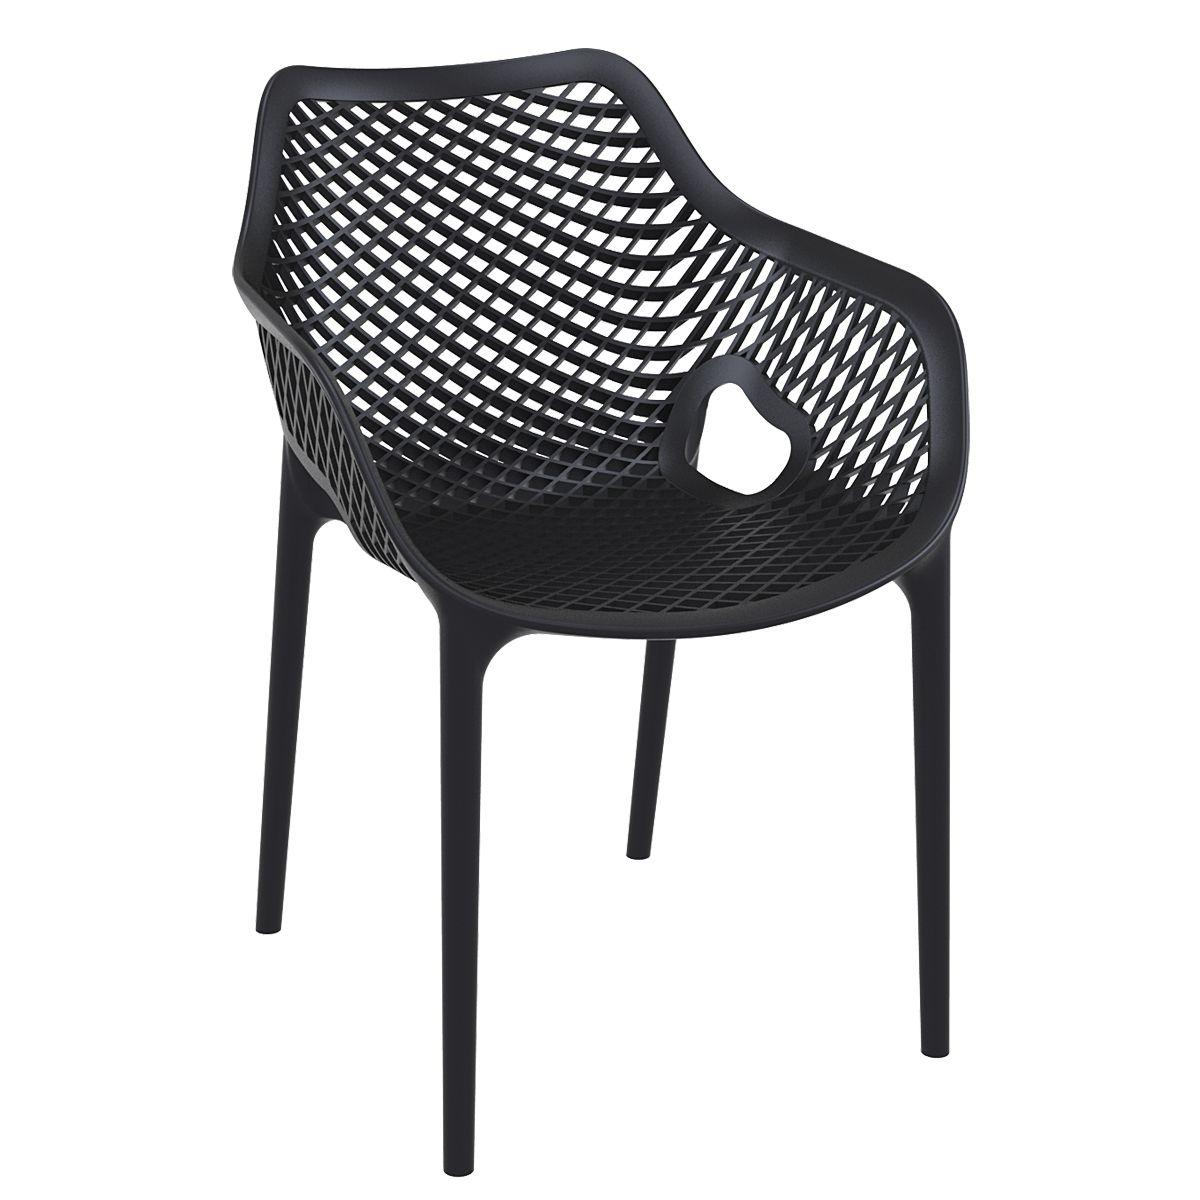 Gartenstühle kunststoff blau  Der Outdoorstuhl AIR XL aus Kunststoff ermöglicht durch das ...